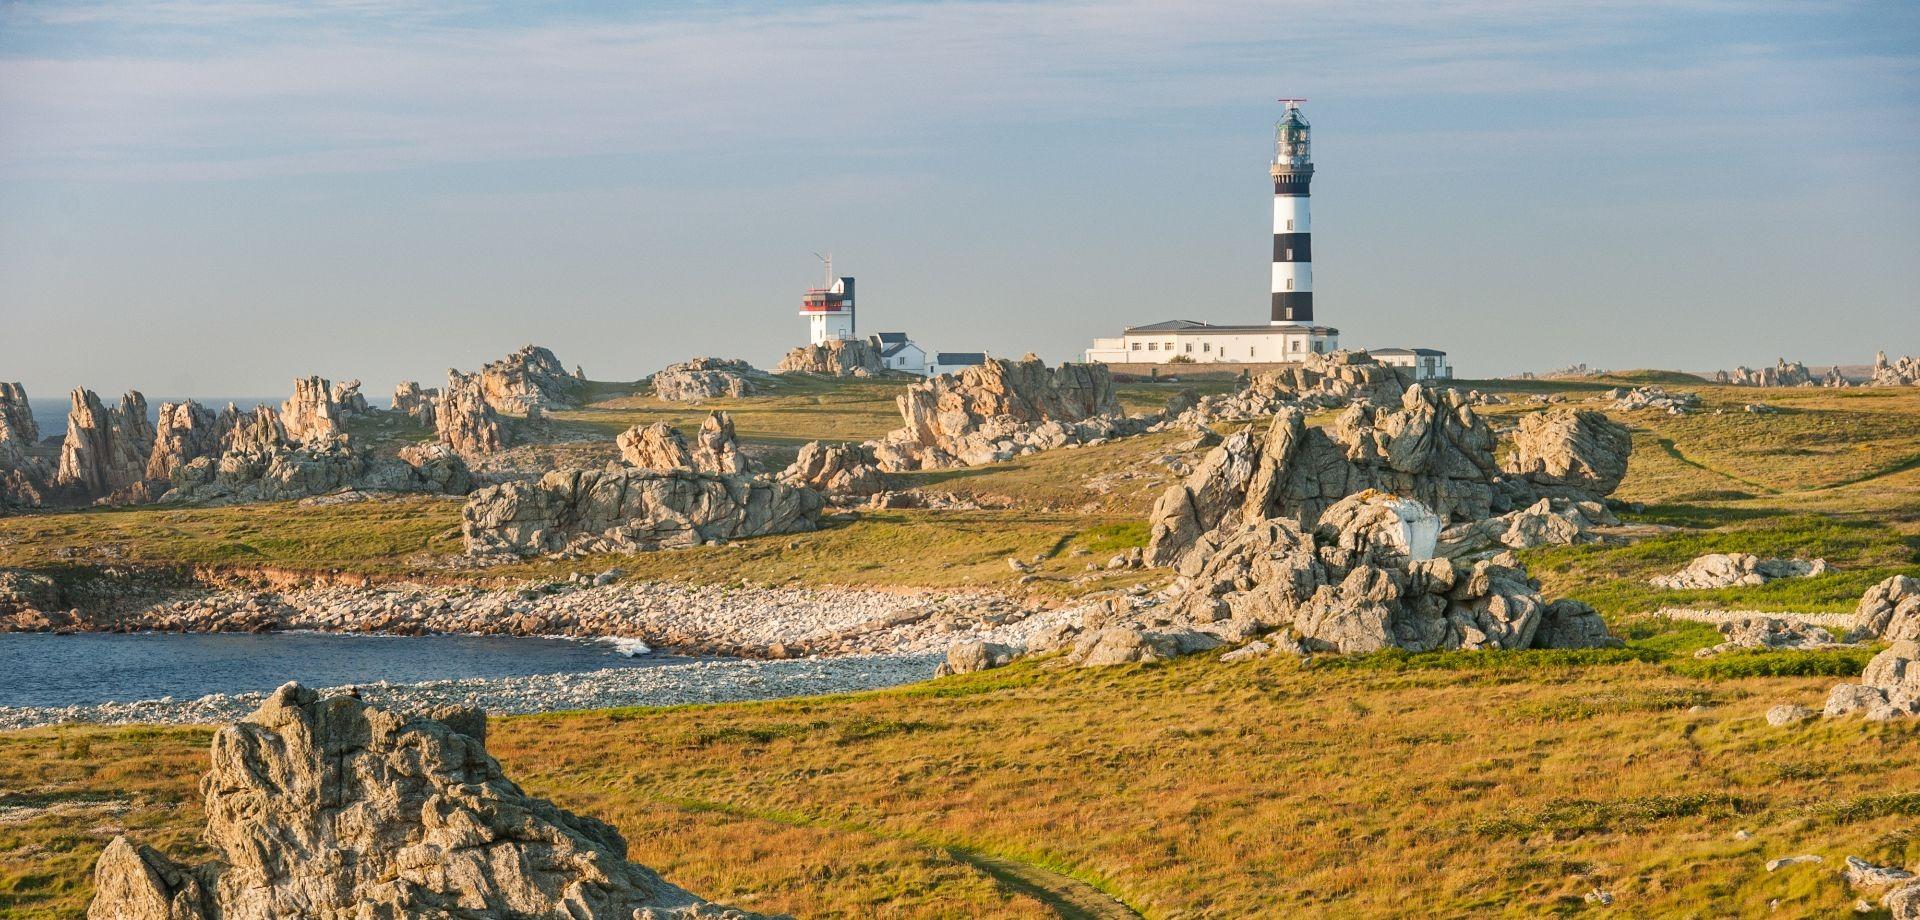 L'île d'Ouessant et le phare du Créac'h ©Emmanuel Berthier